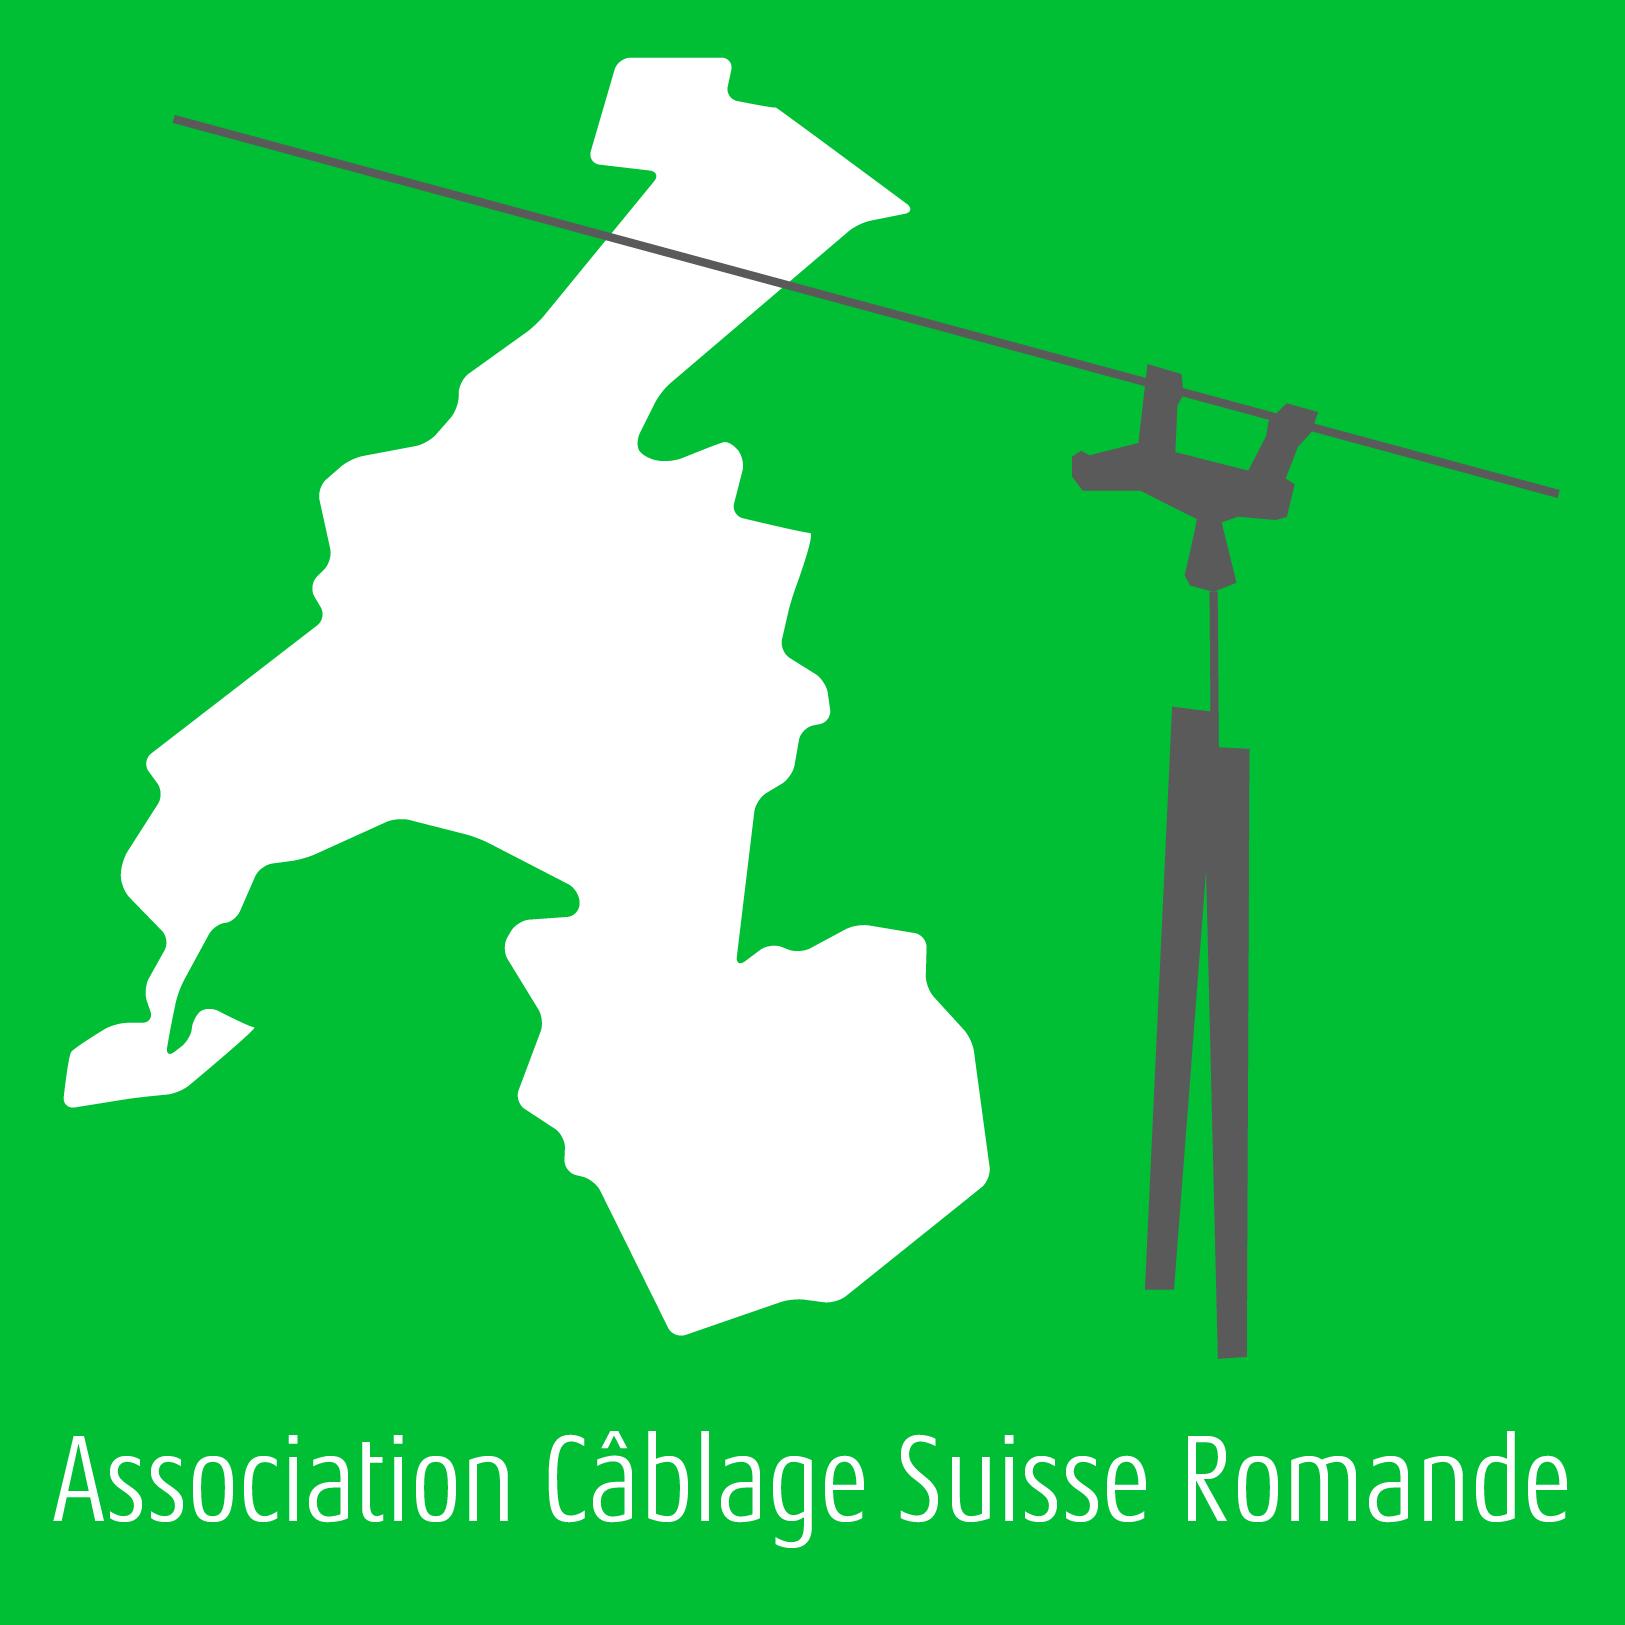 ACSR, association câblage Suisse romande logo